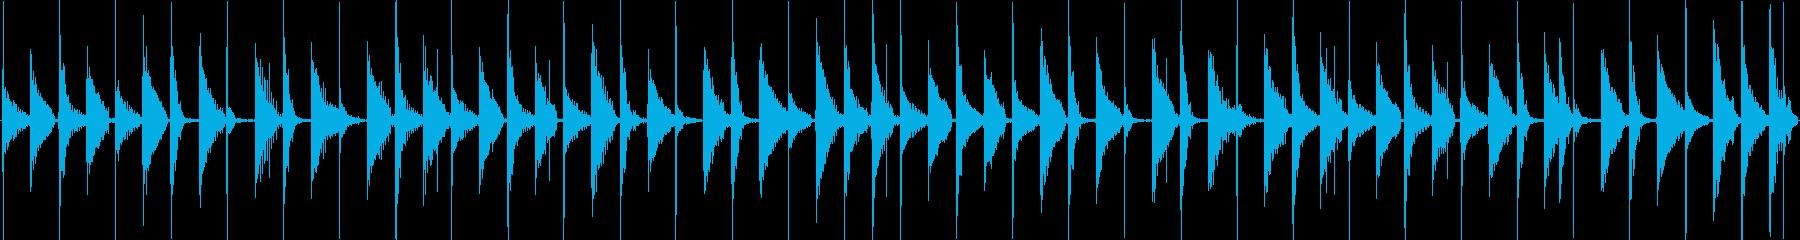 かわいらしい電子音で構成されたループ楽…の再生済みの波形